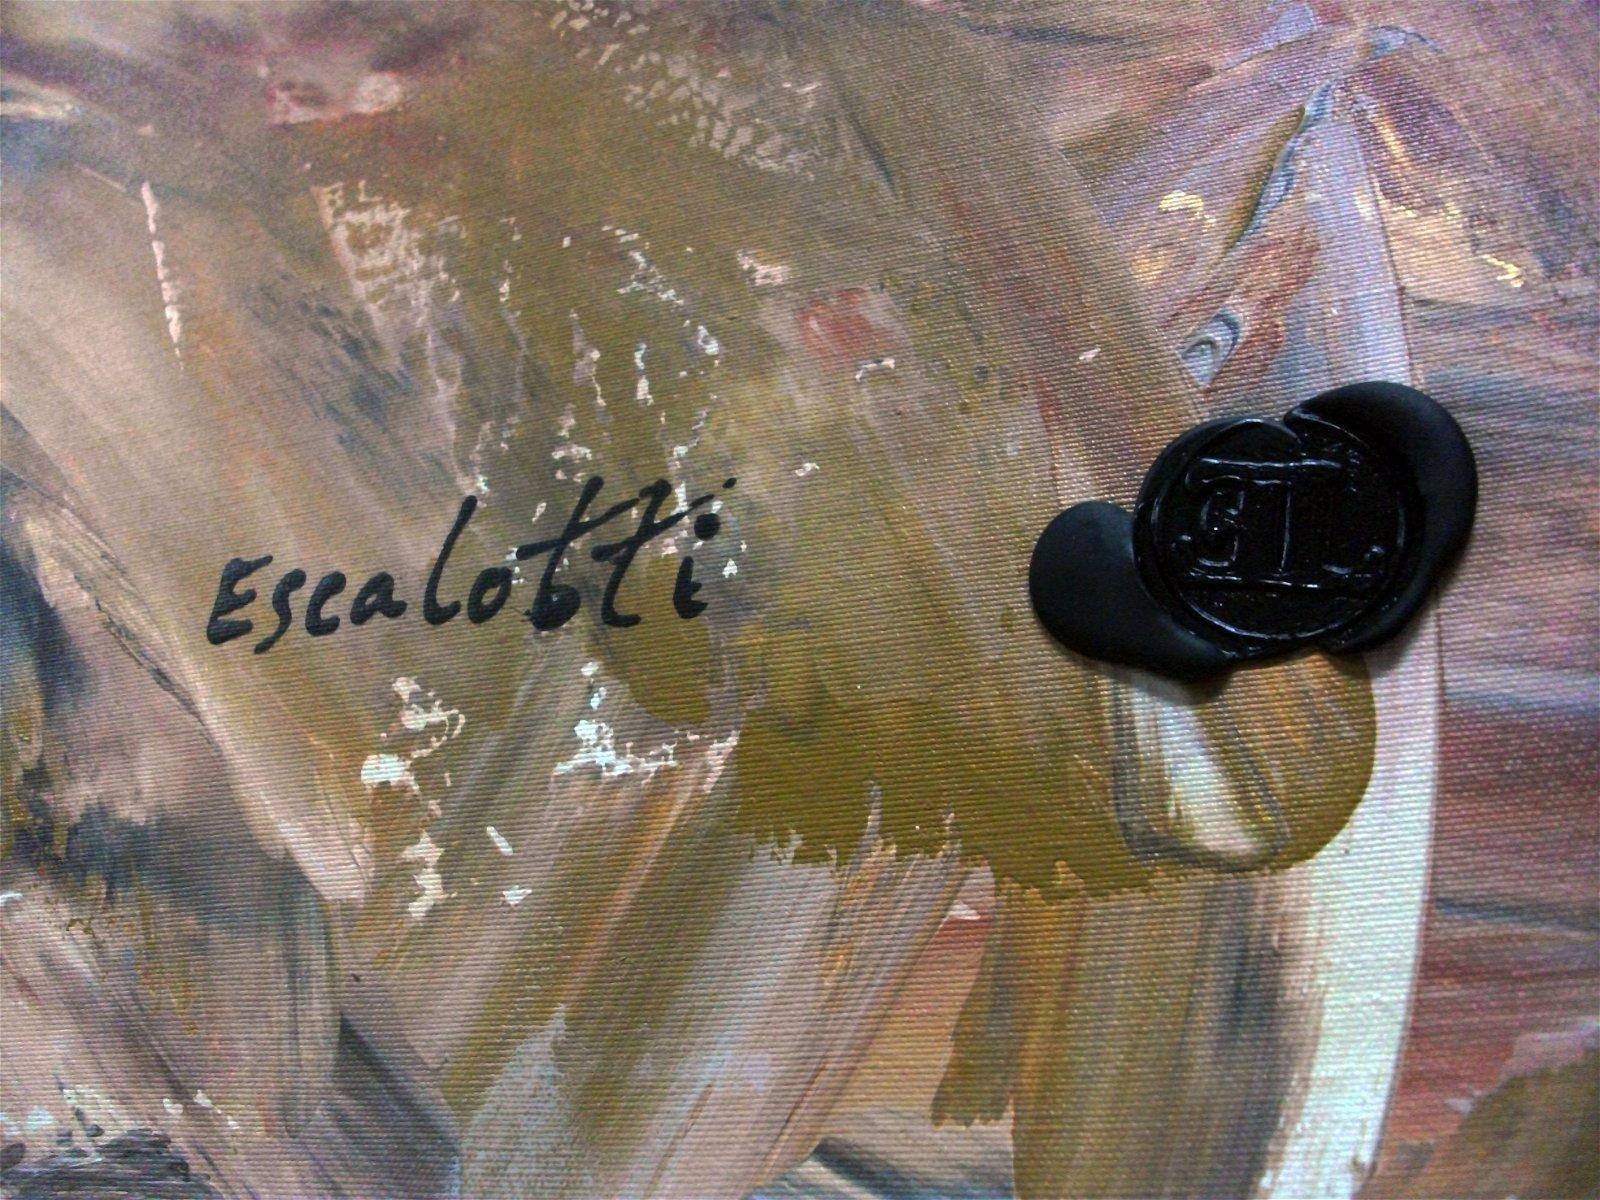 Cuadro gran formato Liberati de Leandro Escalotti